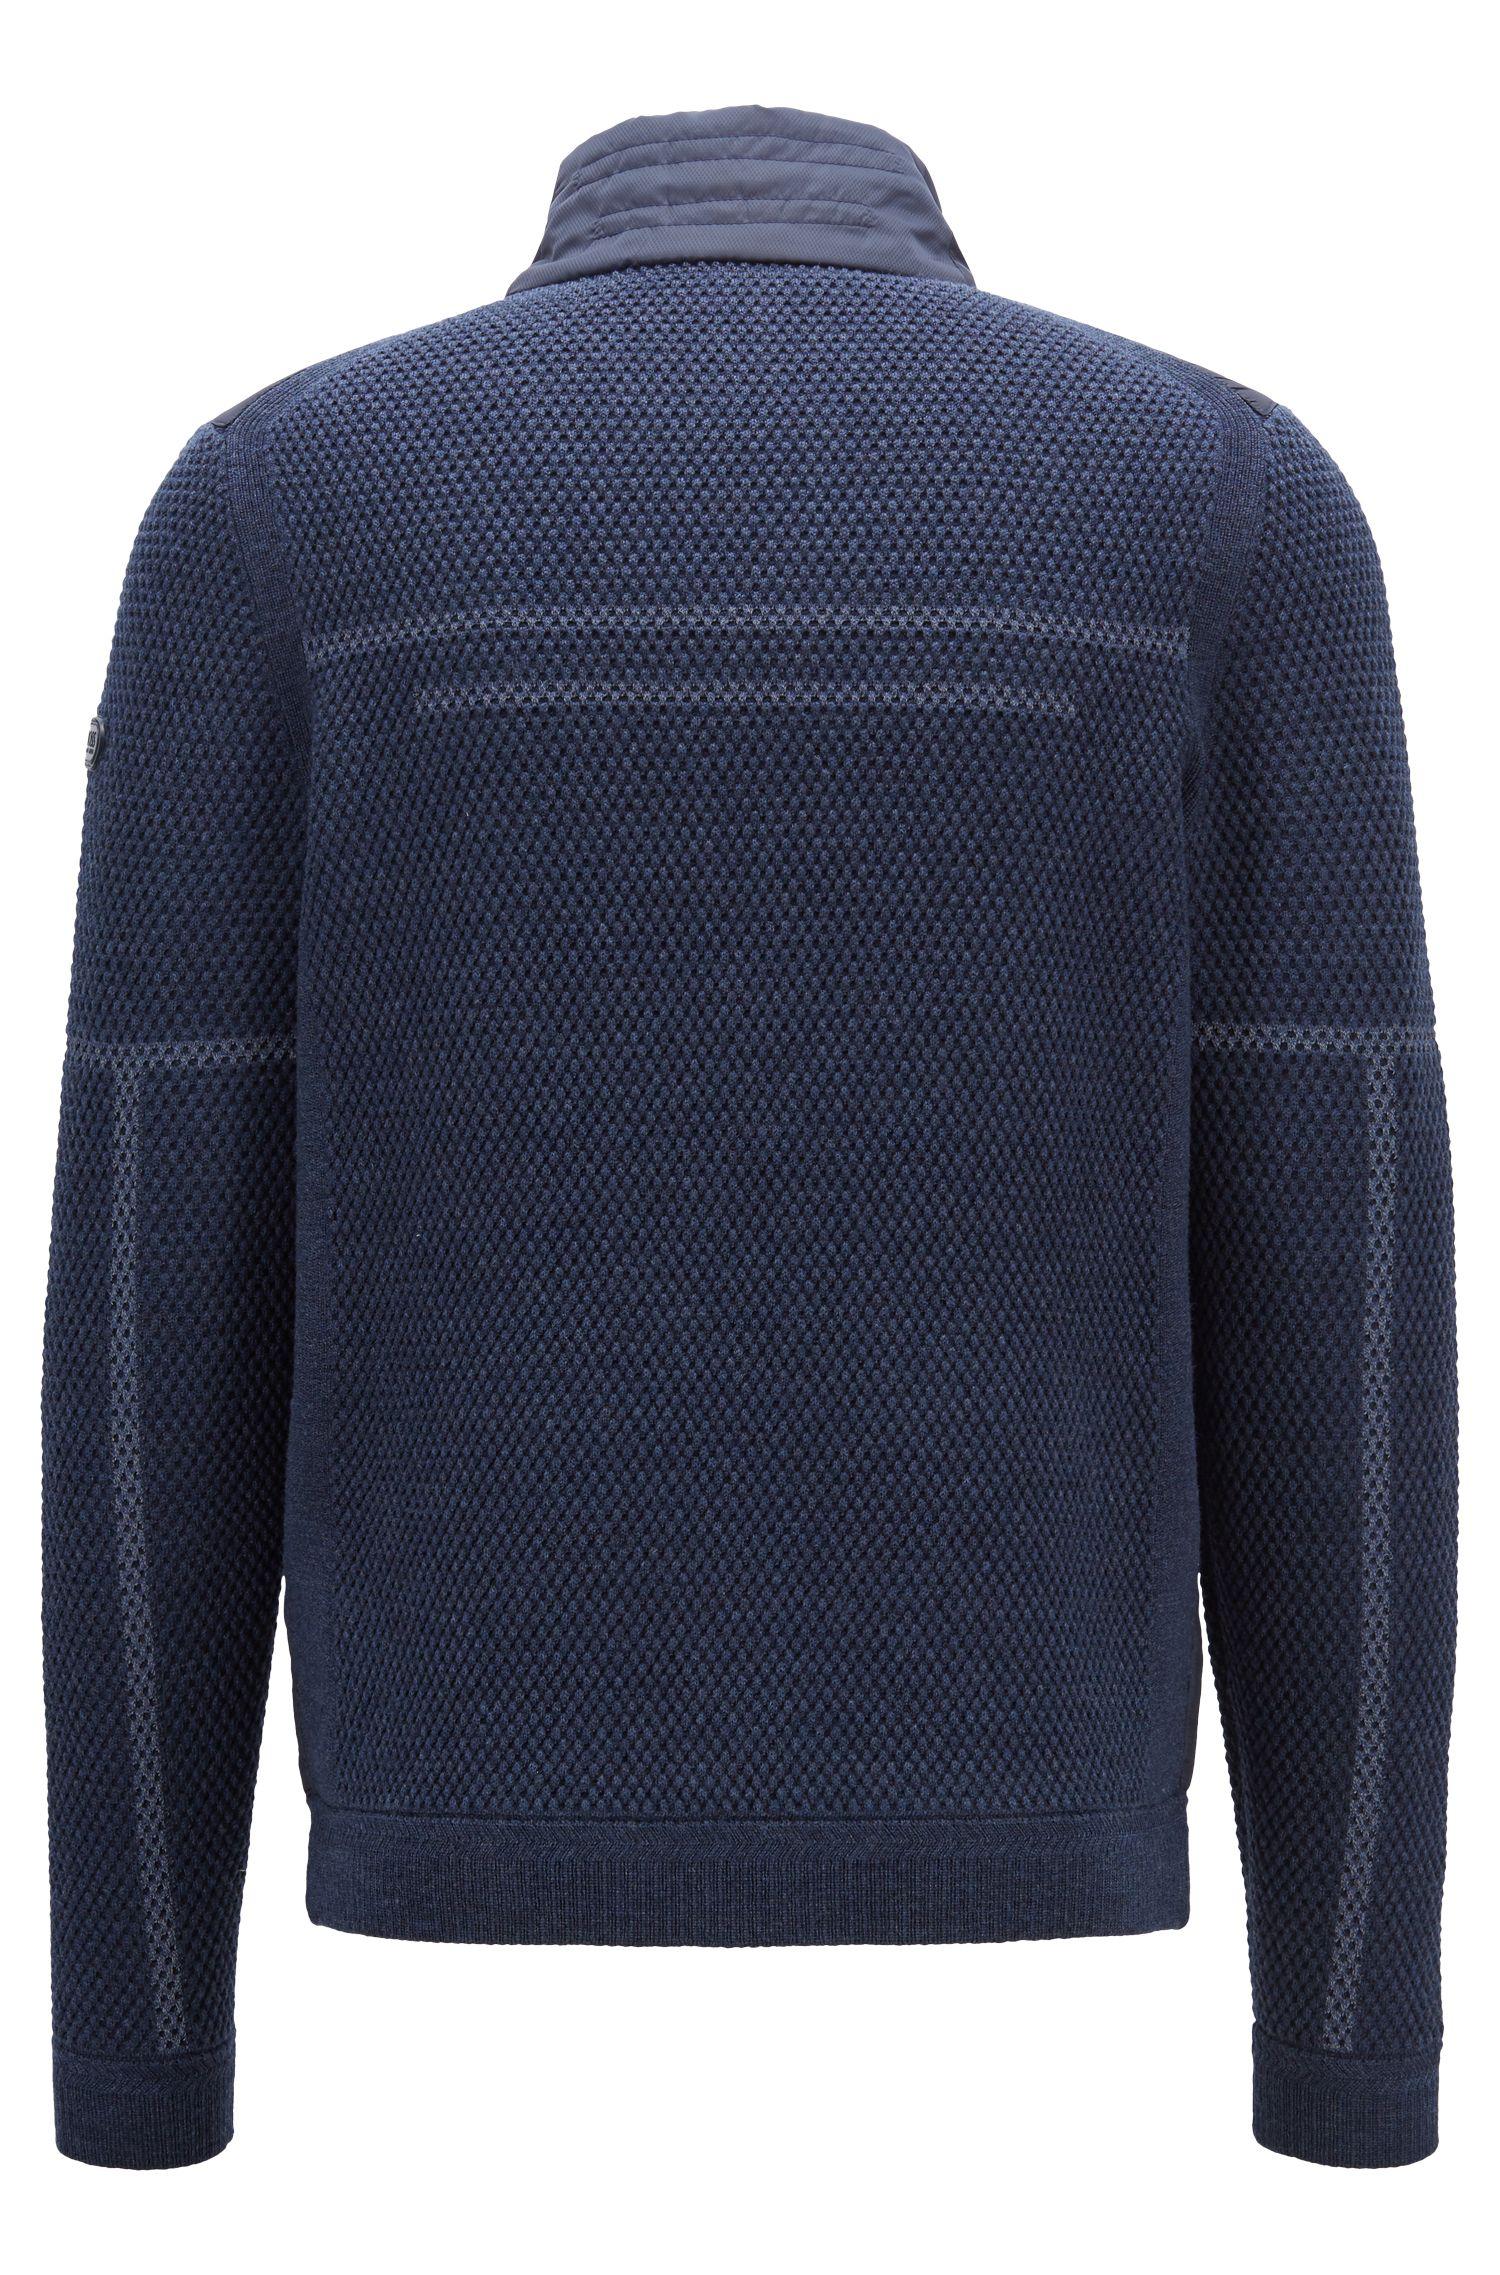 Veste zippée en laine mérinos, avec détails techniques, Bleu foncé